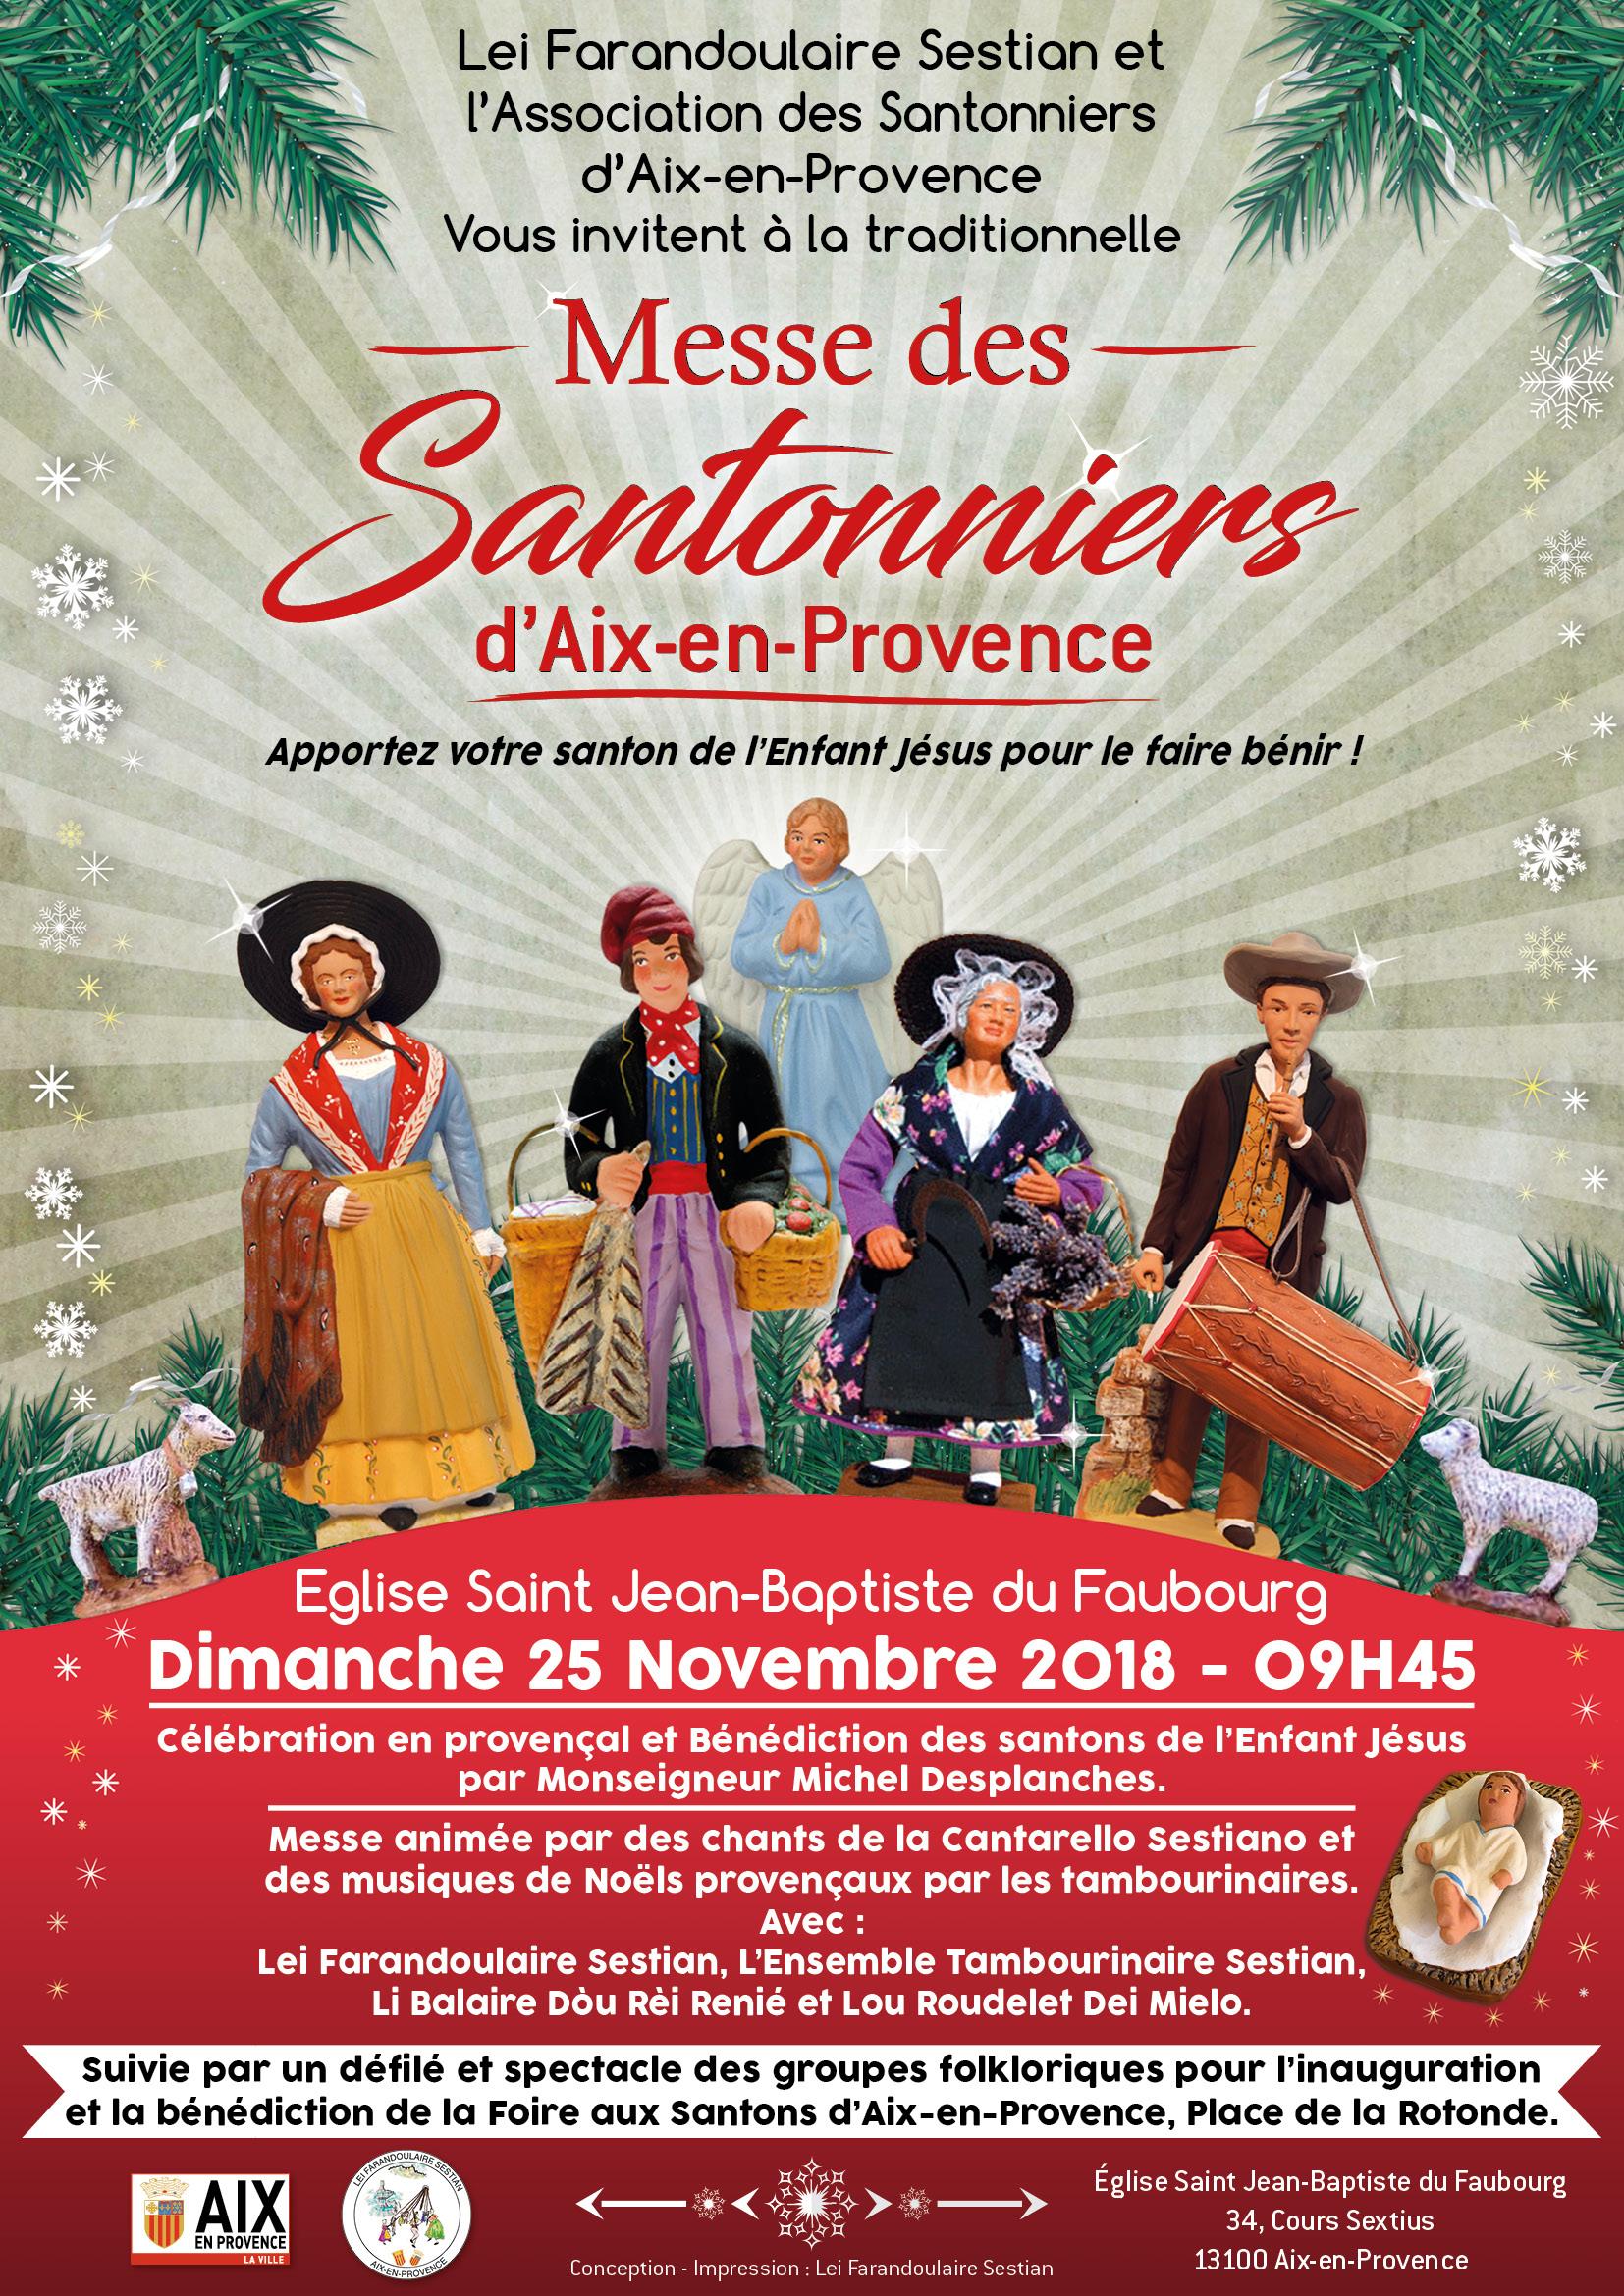 Messe des Santonniers 2018 web